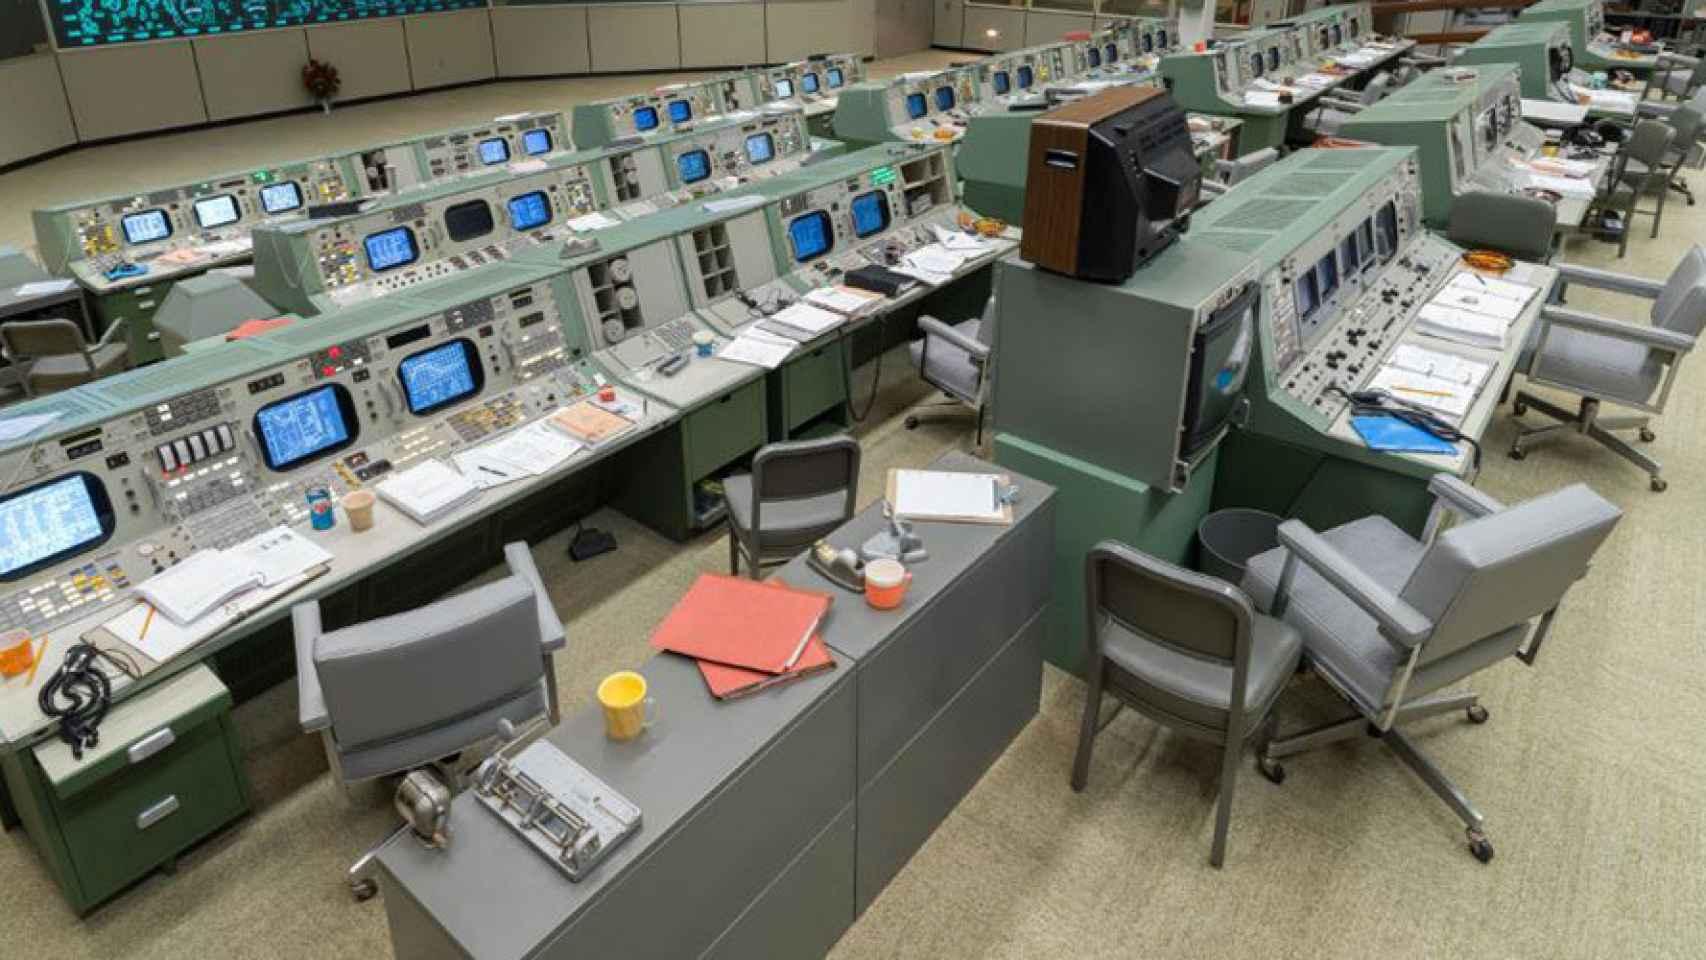 Centro de control portada